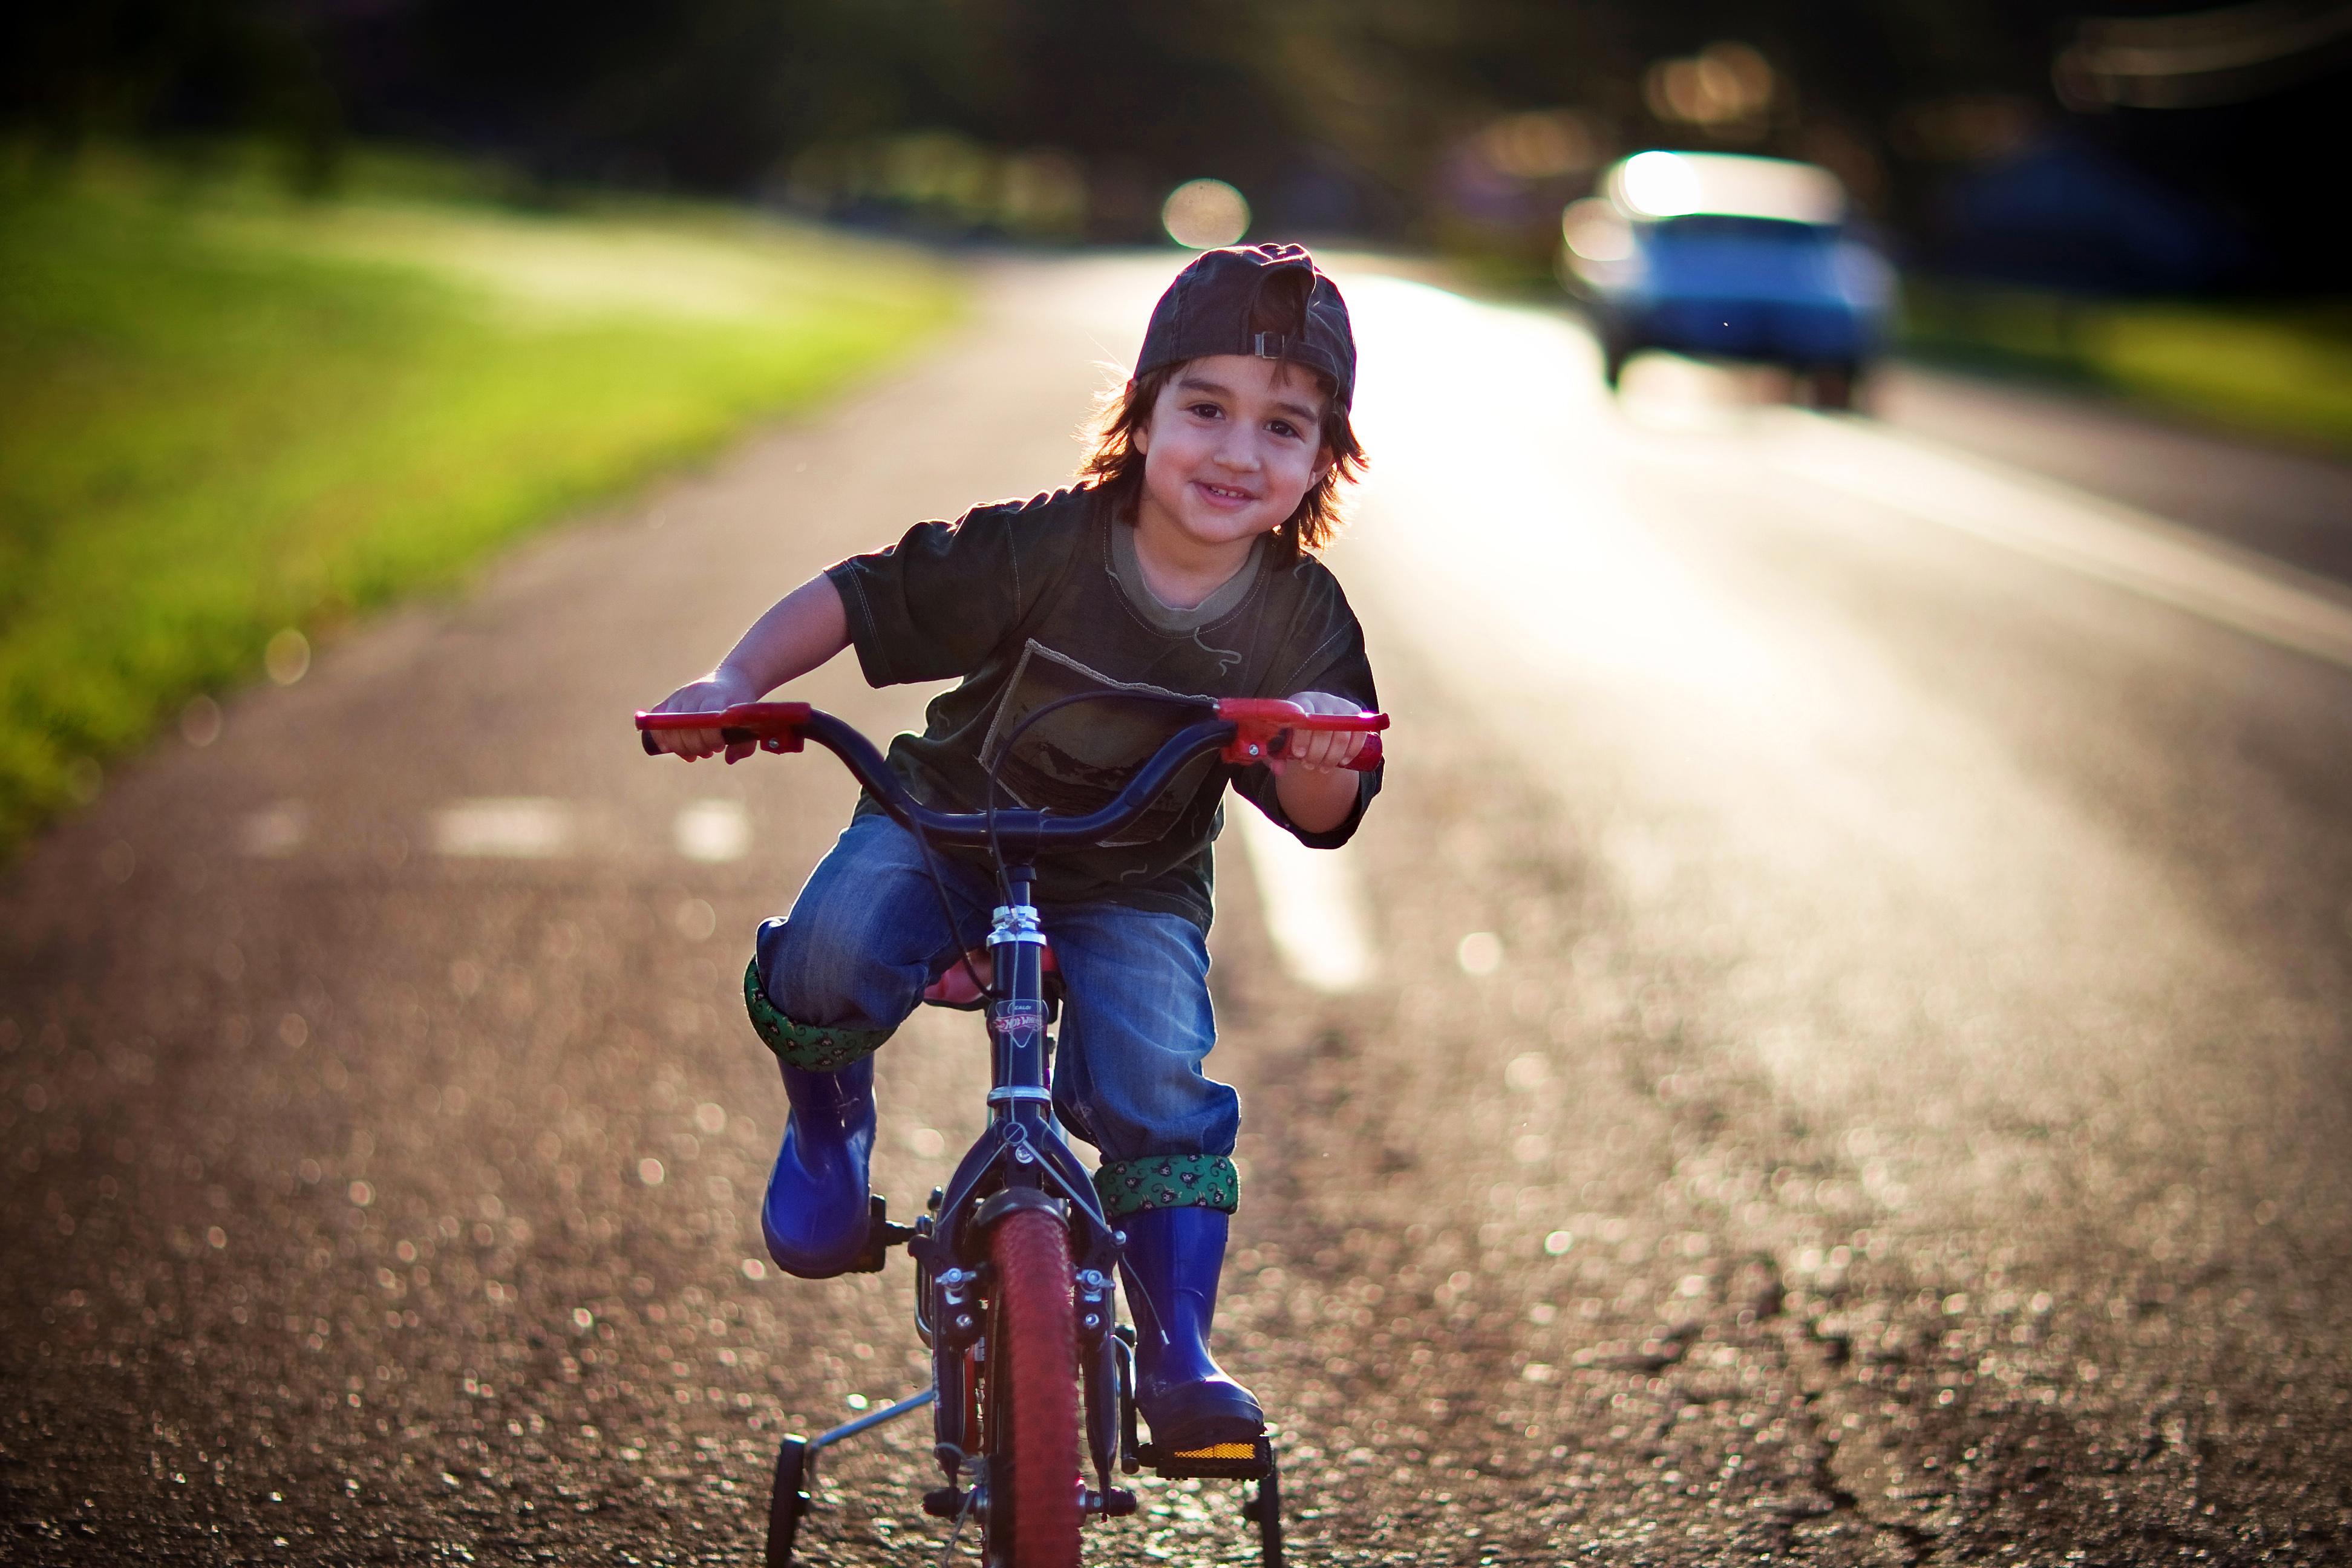 Šťastný chlapec na bicykli